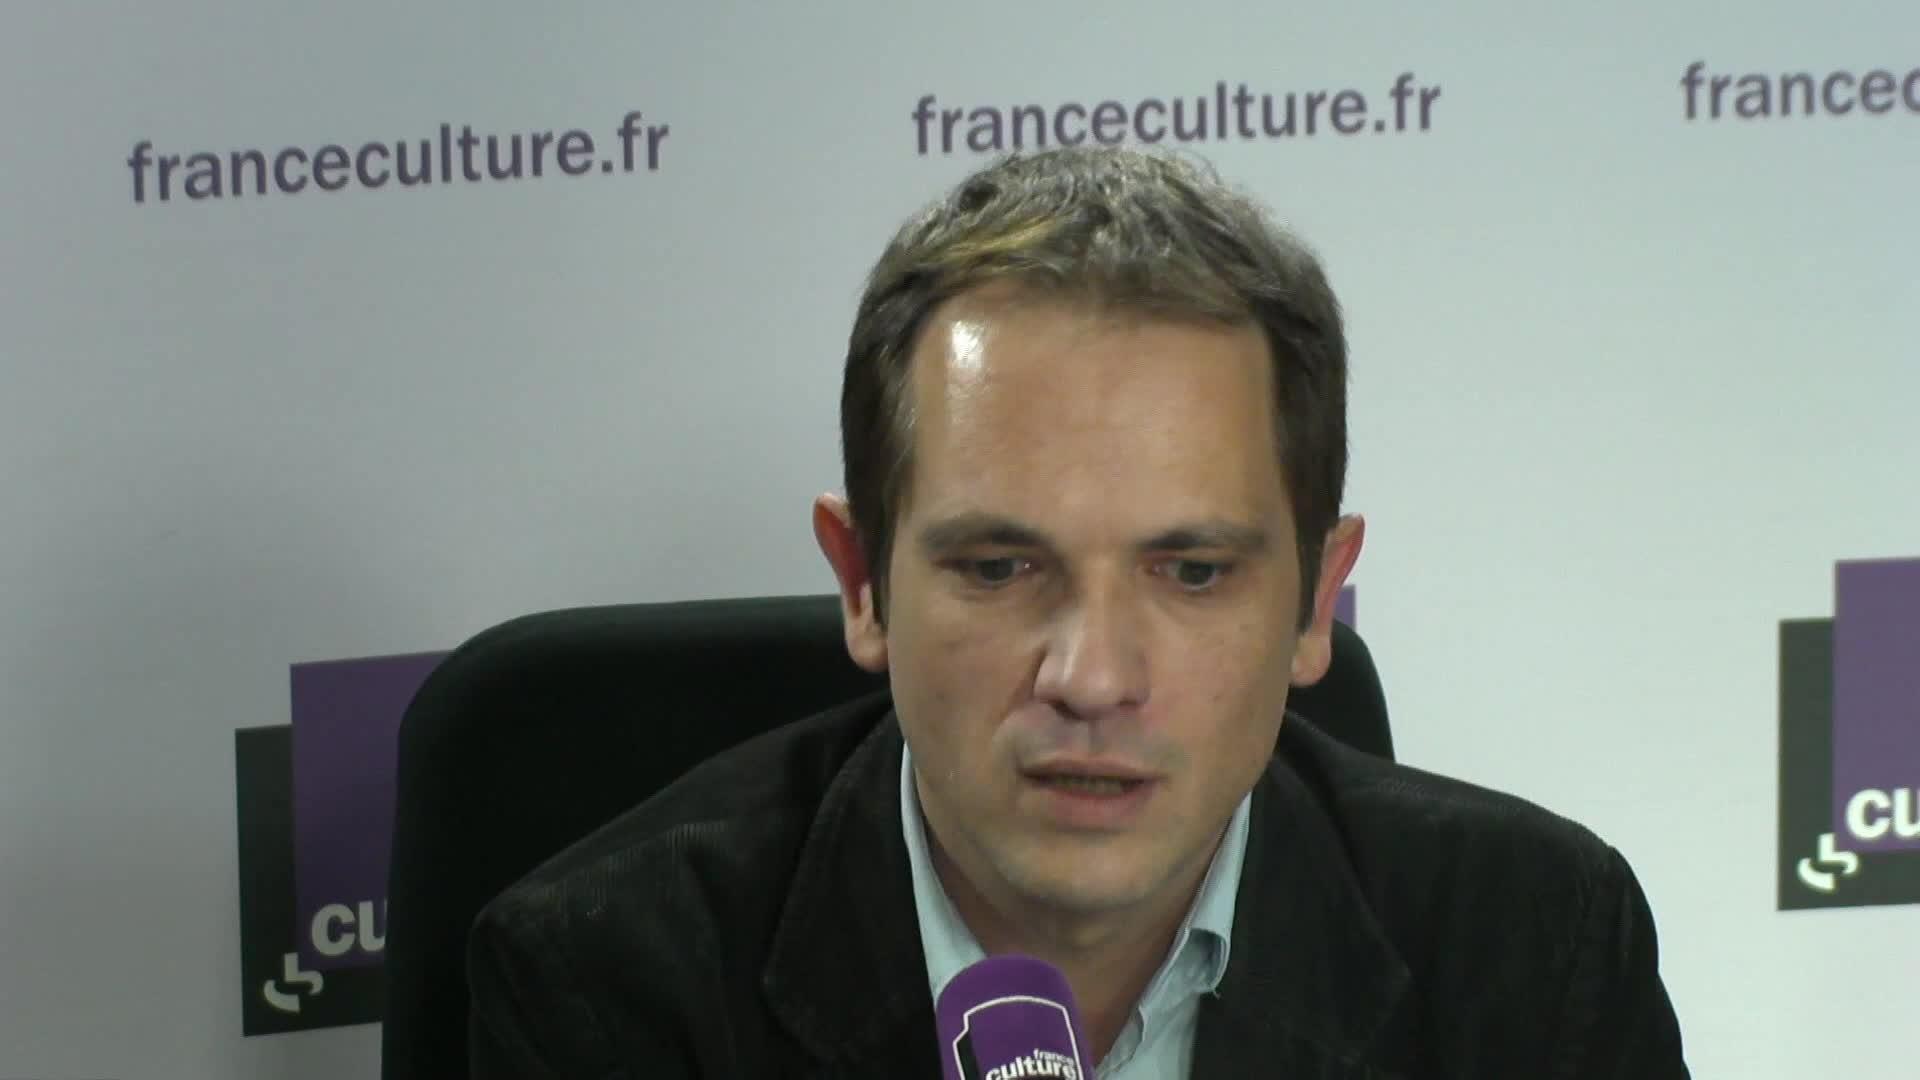 Michaël Foessel : En France il faut le noter, en 38, même si la presse d'extrême droite tire à